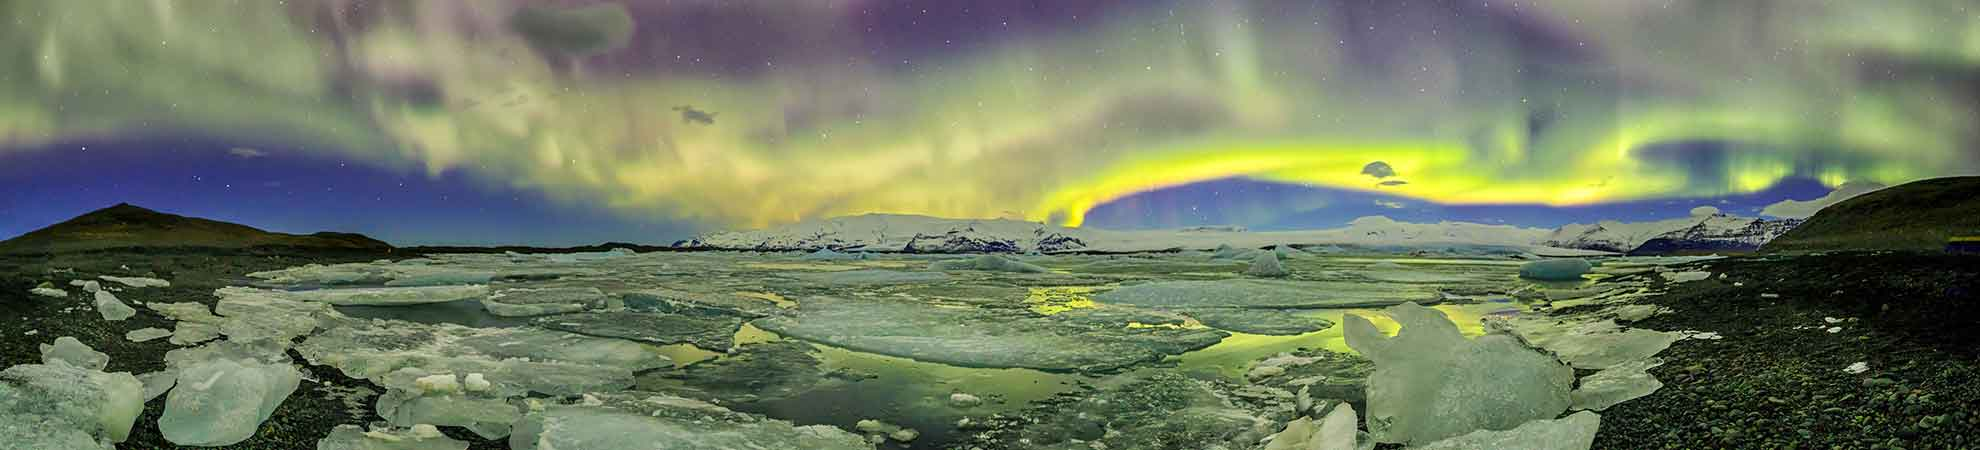 Voyage islande aurore boréale